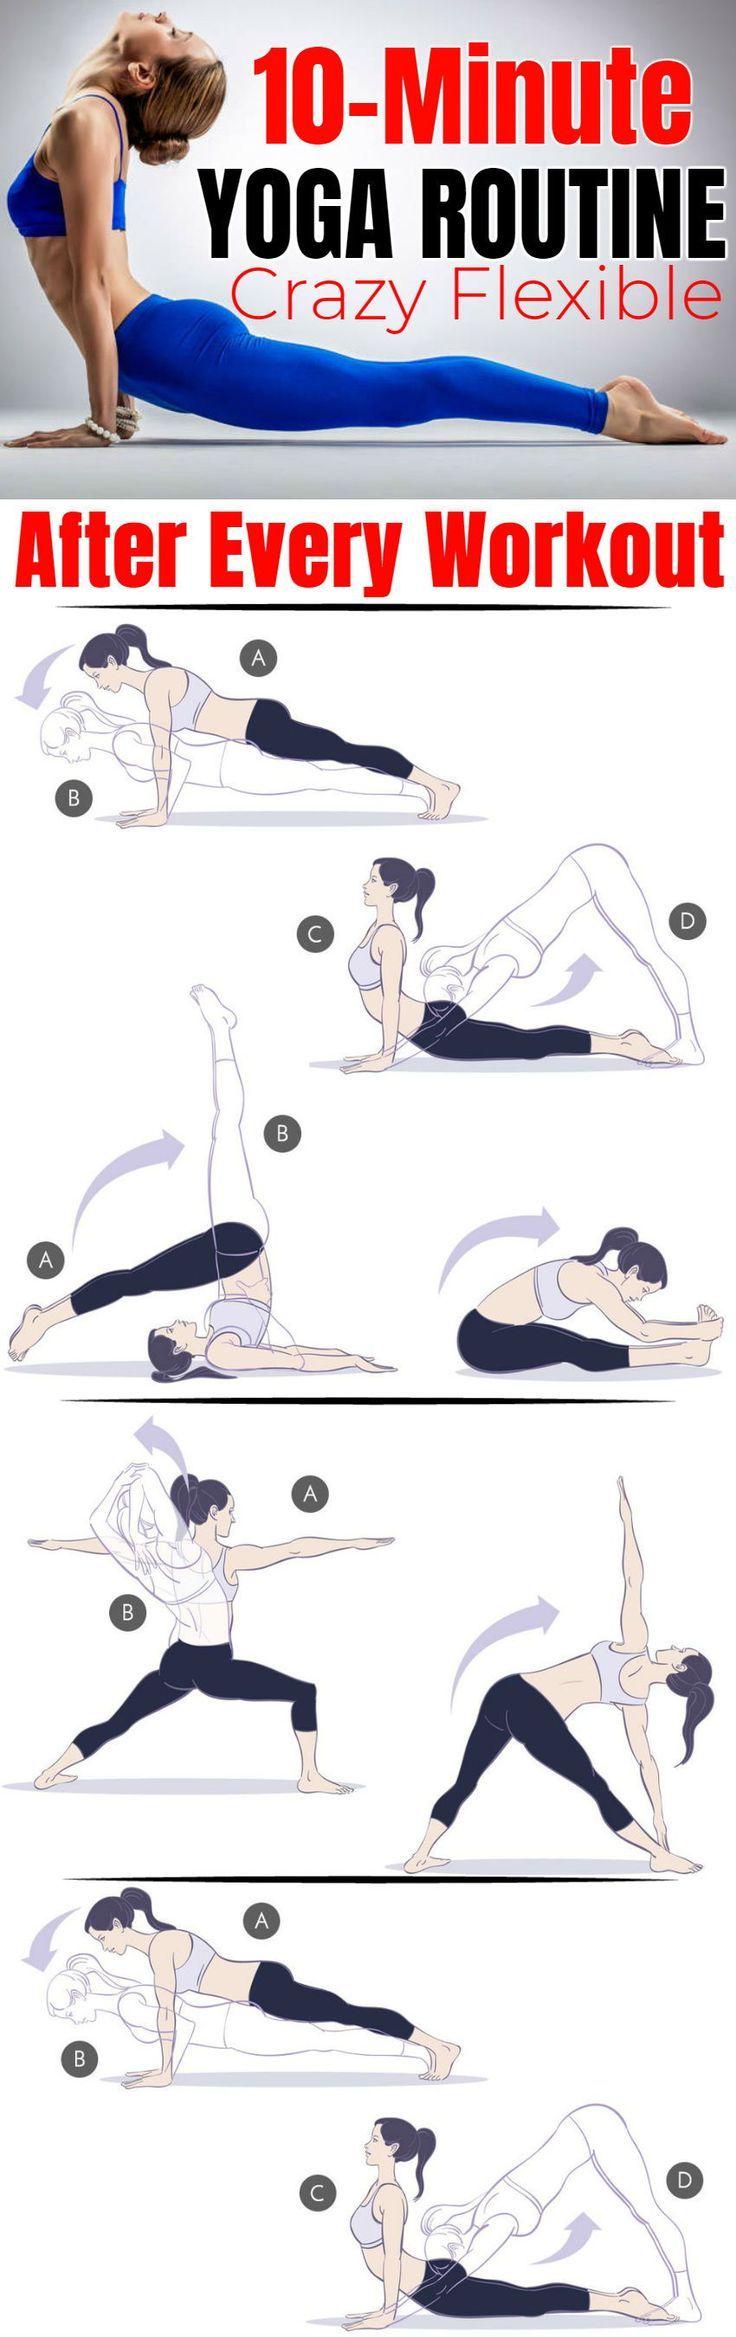 10-minütige Yoga-Routine nach jedem Training, um verrückt und flexibel zu werden